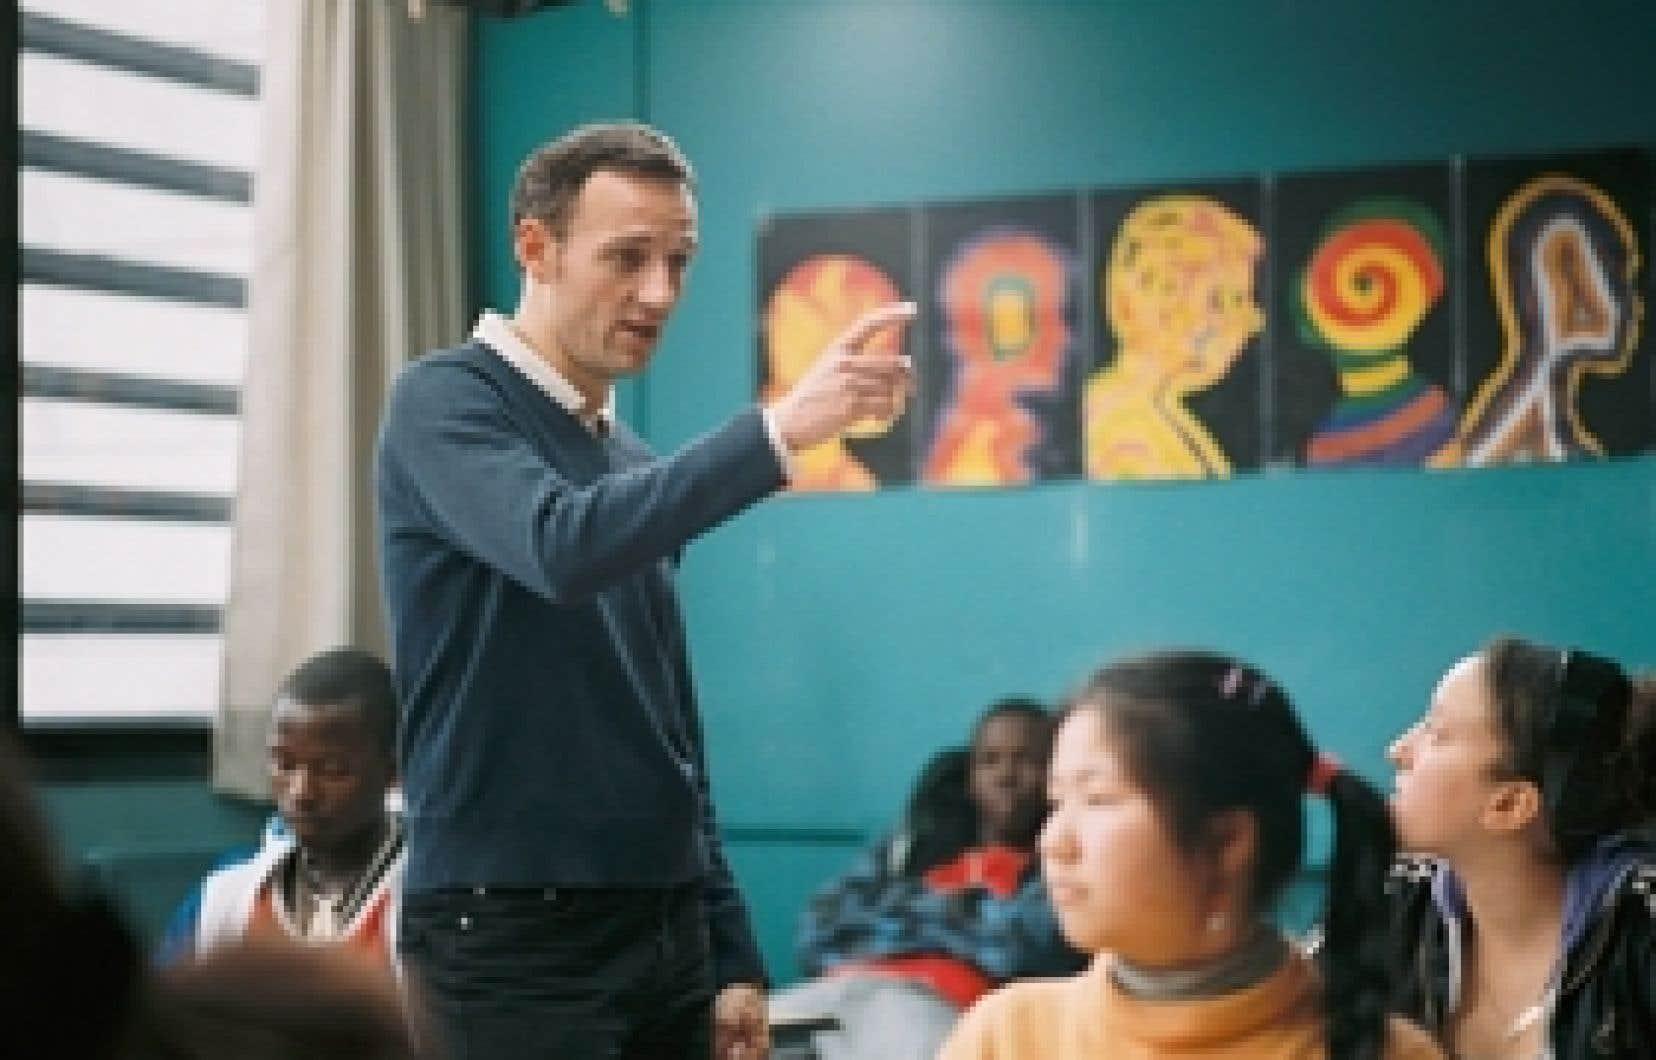 François Bégaudeau joue son propre rôle de professeur dans Entre les murs, de Laurent Cantet.